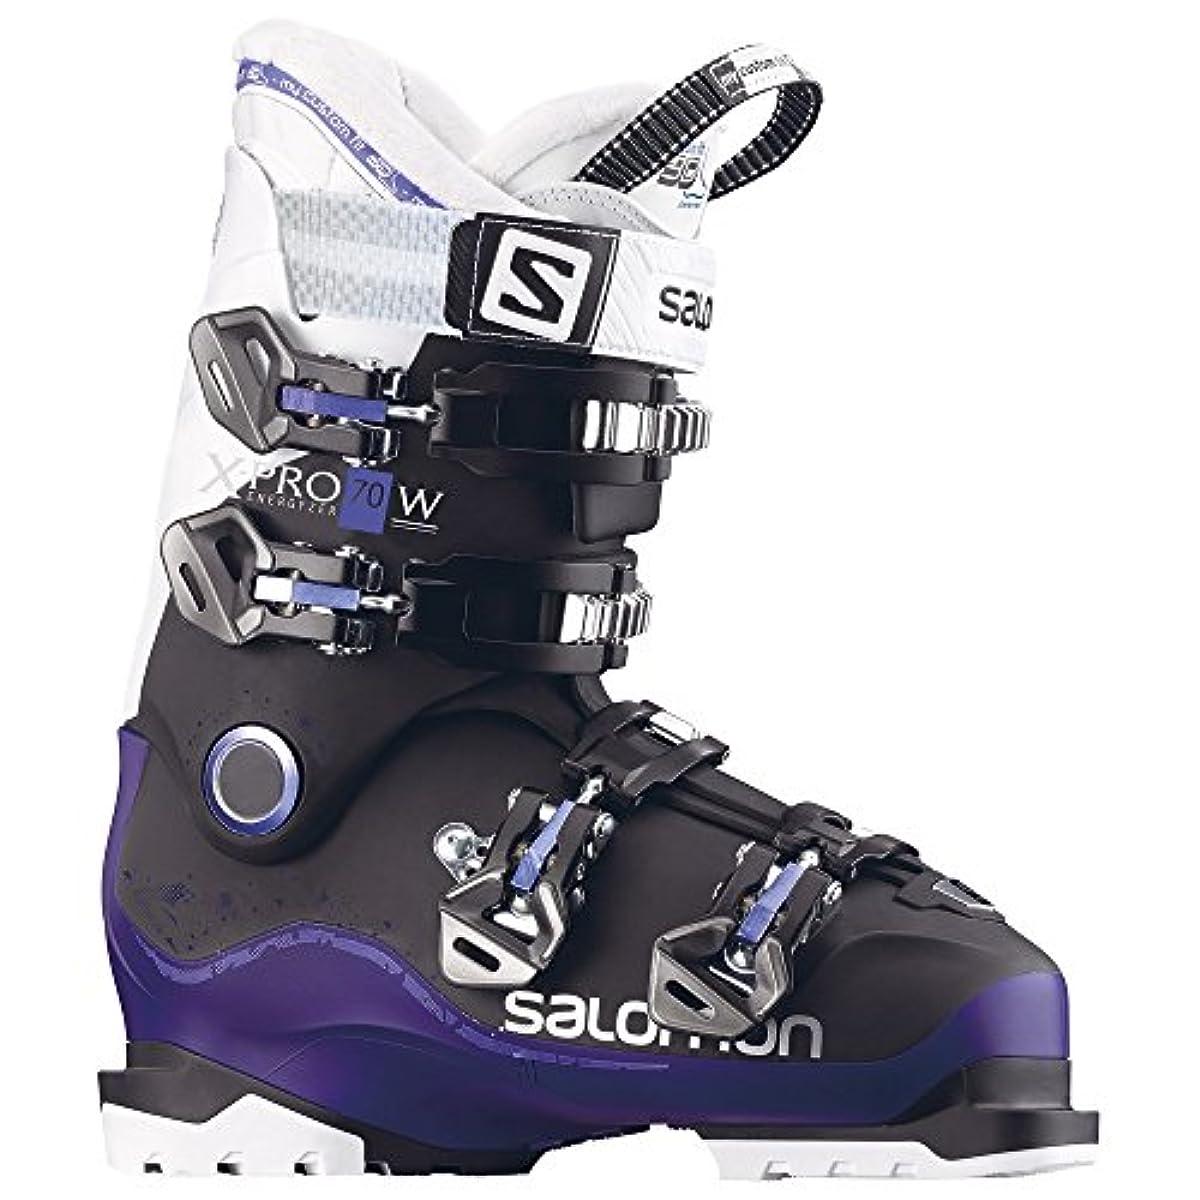 [해외] 살로몬SALOMON 레이디스 스키화 X PRO 70 W X 프로 70W 2016-17 모델